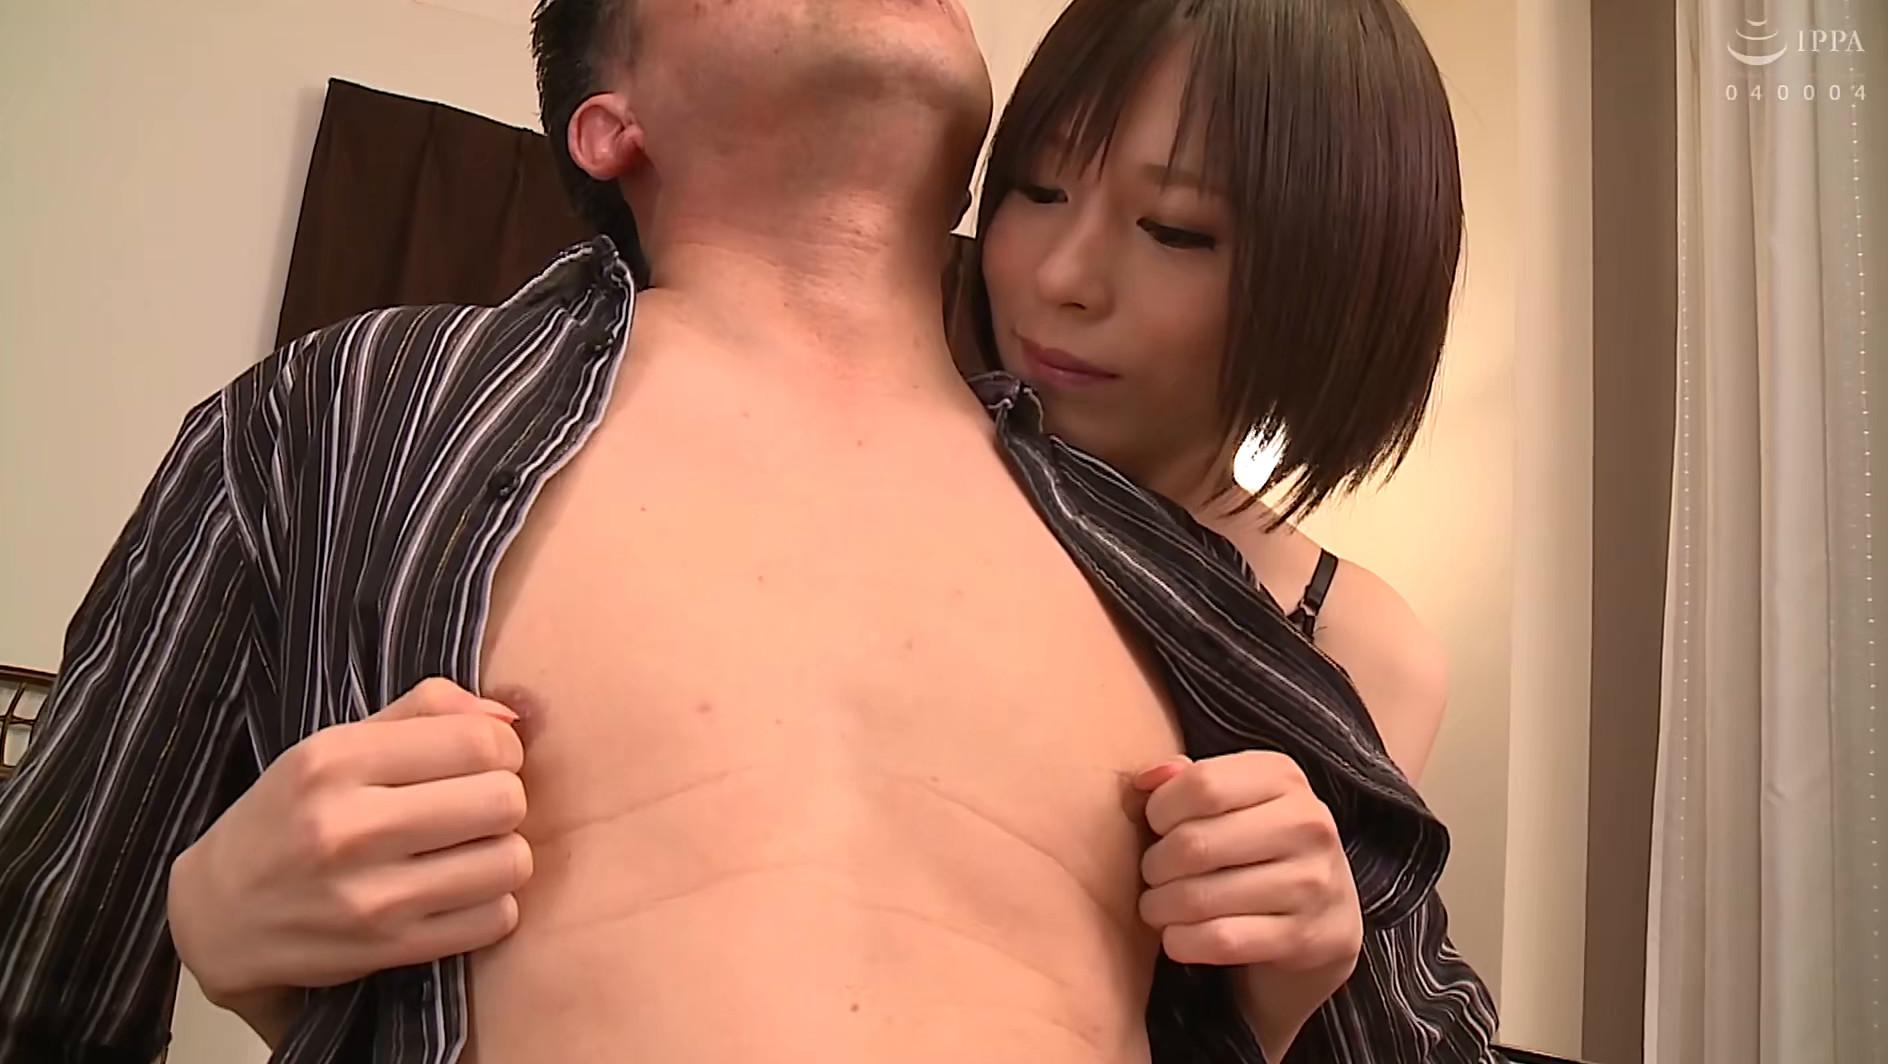 レイ【小悪魔オトコノ娘によるおじさん虐め】 画像4